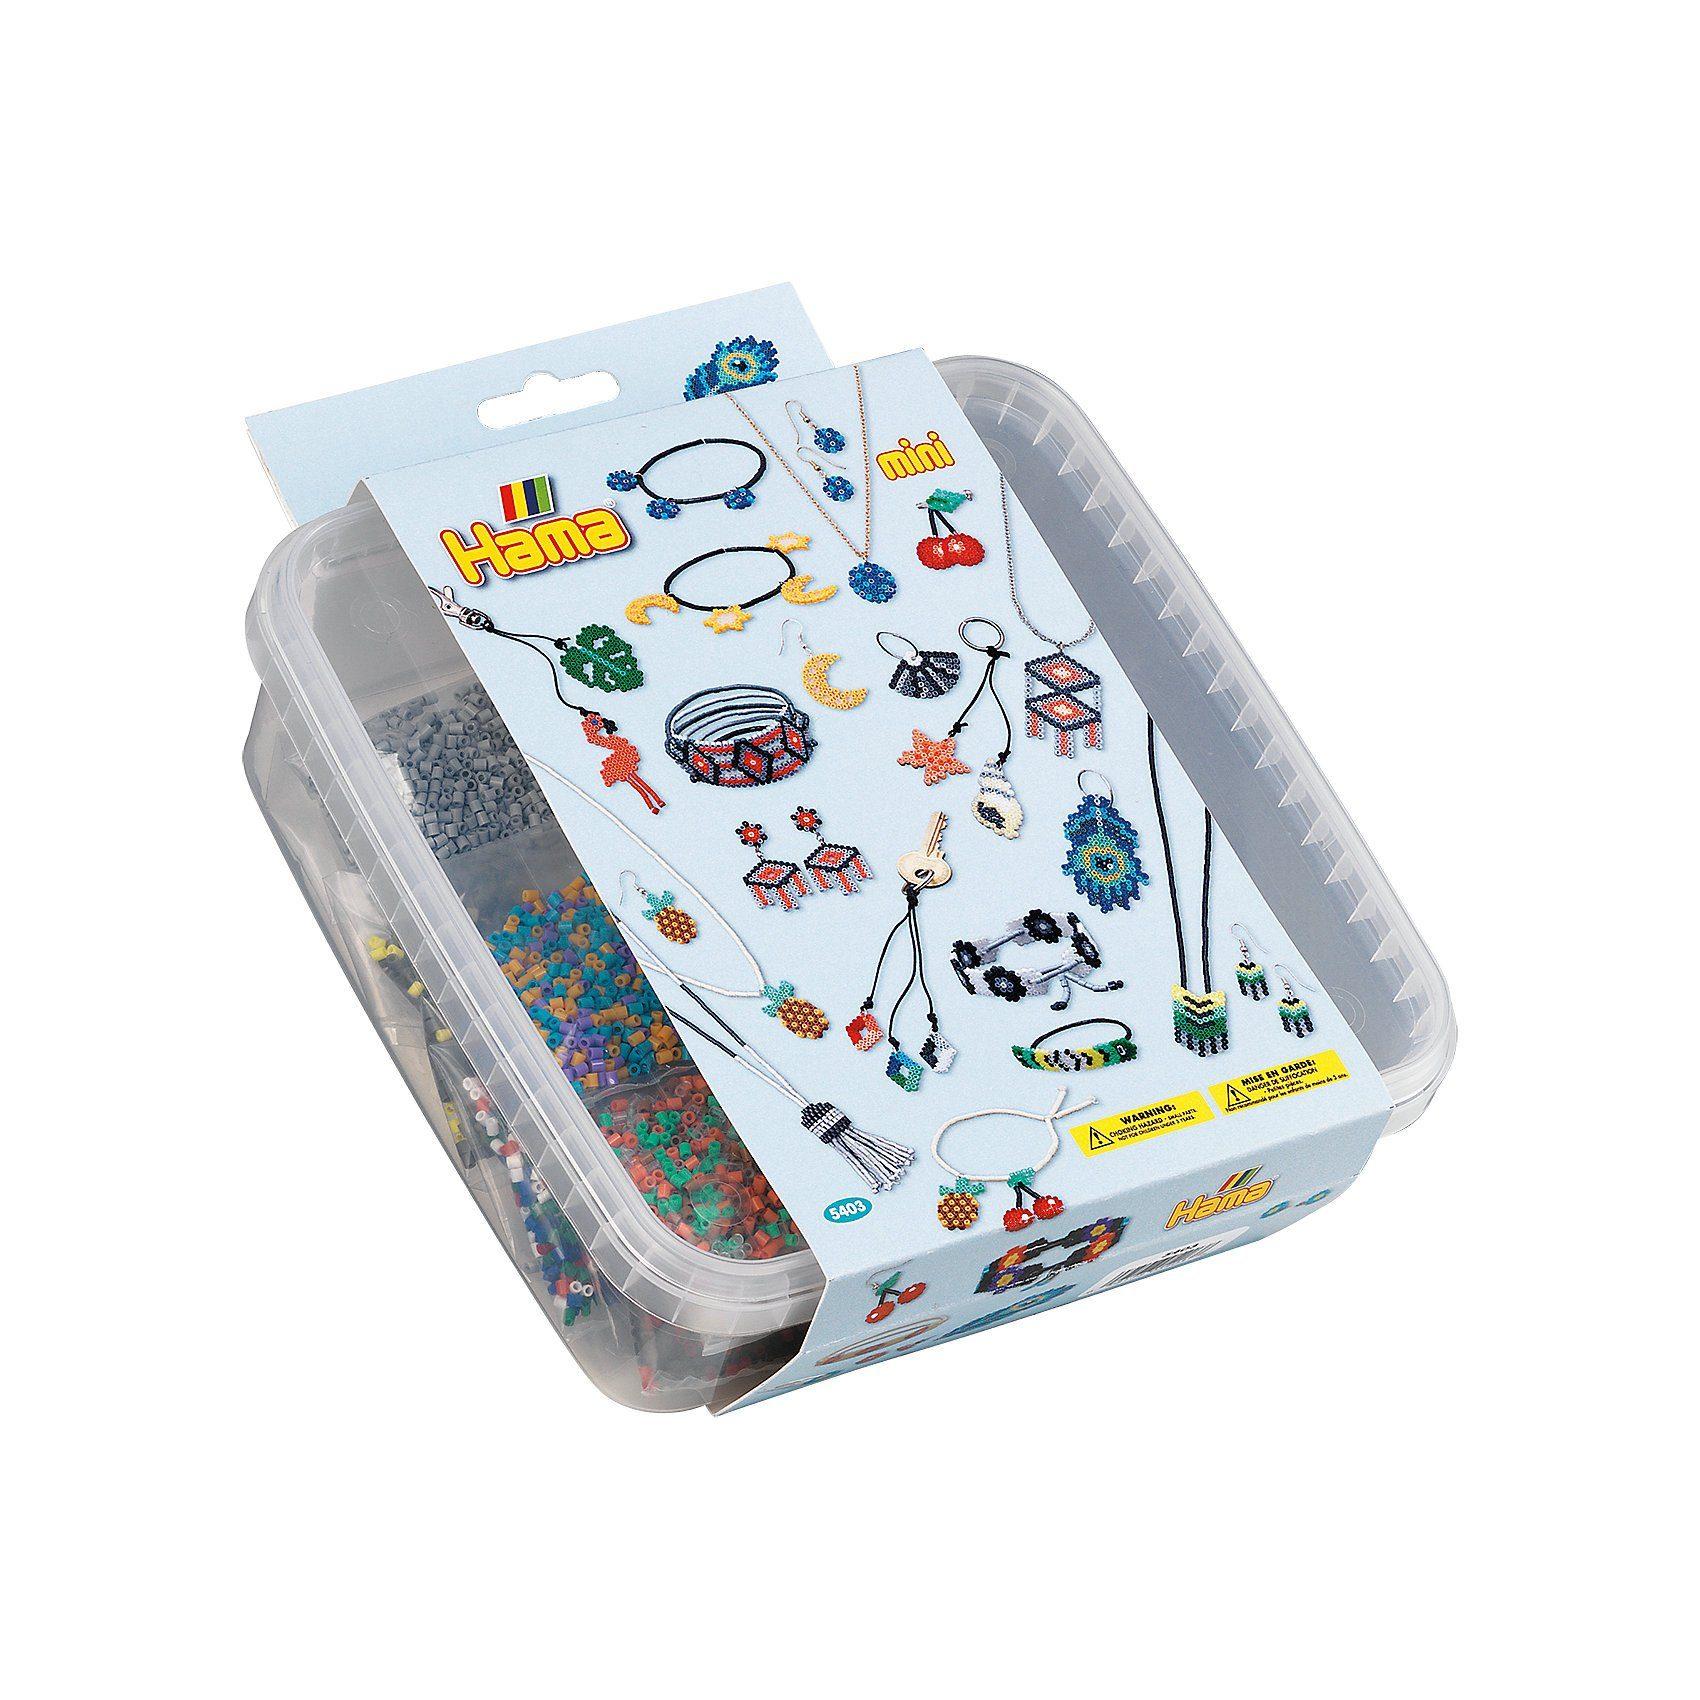 Hama Perlen HAMA 5403 Box mit 10.500 mini-Perlen & Zubehör